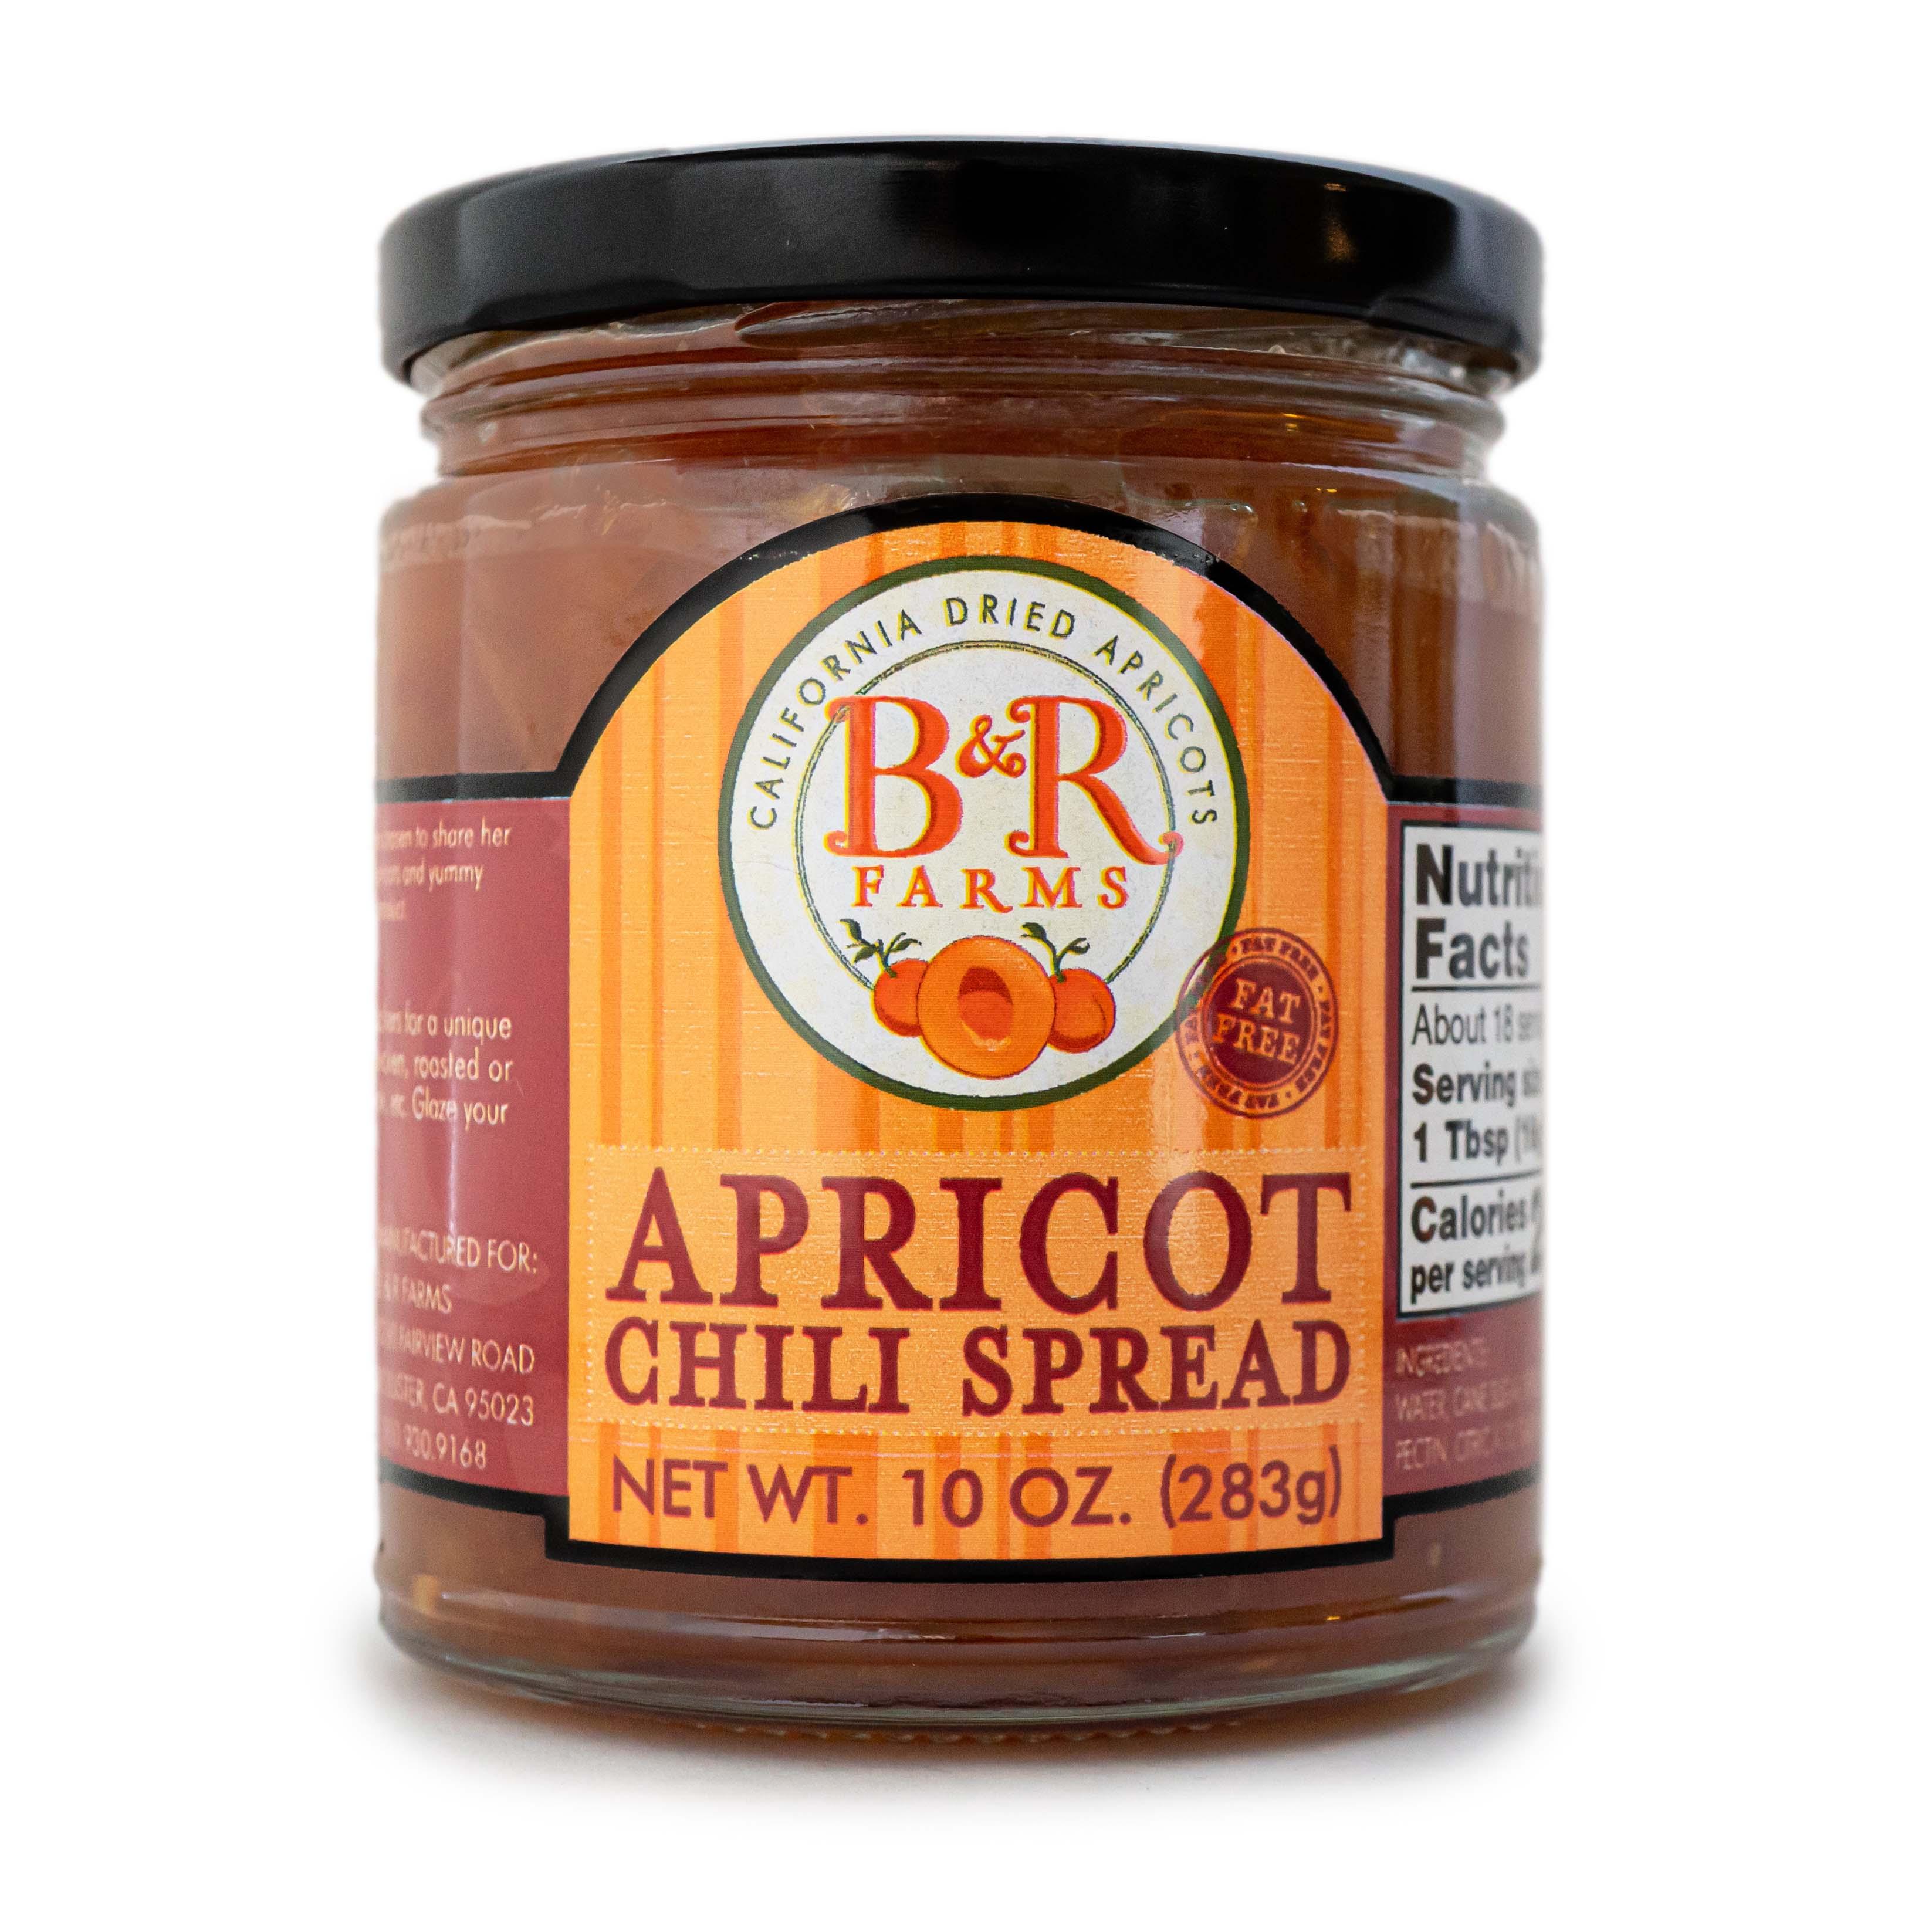 Apricot Chili Spread